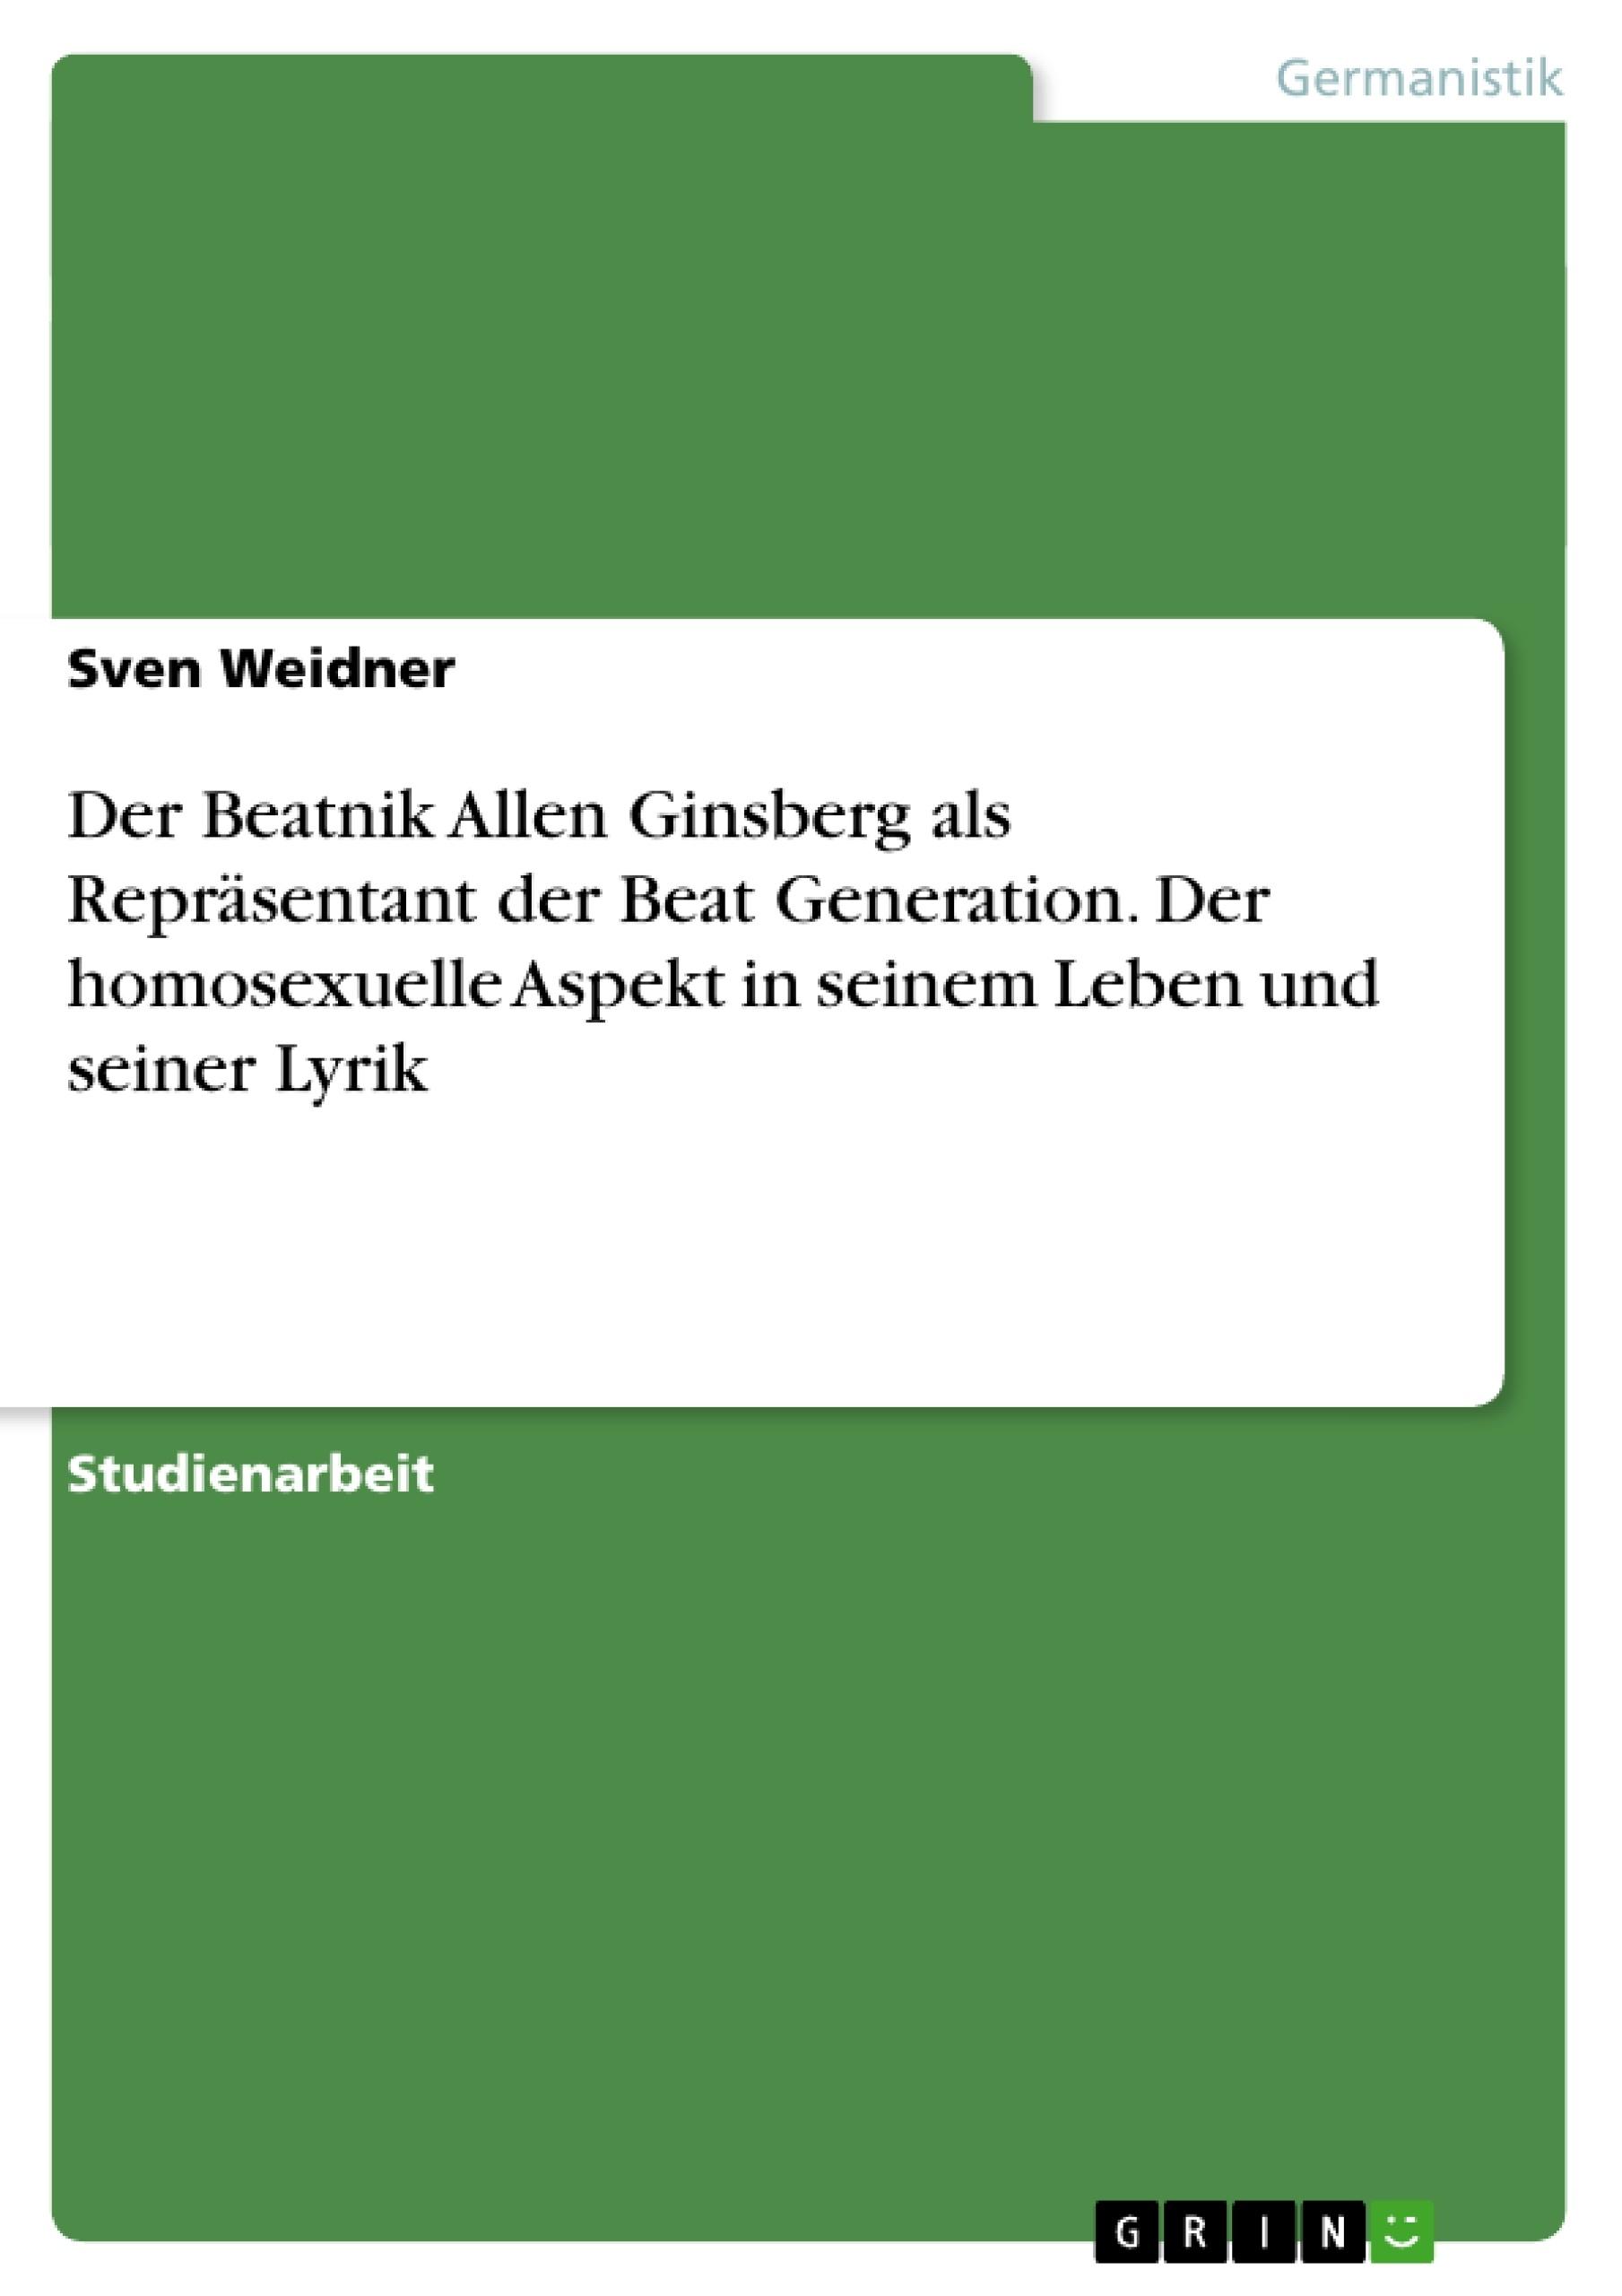 Titel: Der Beatnik Allen Ginsberg als Repräsentant der Beat Generation. Der homosexuelle Aspekt in seinem Leben und seiner Lyrik